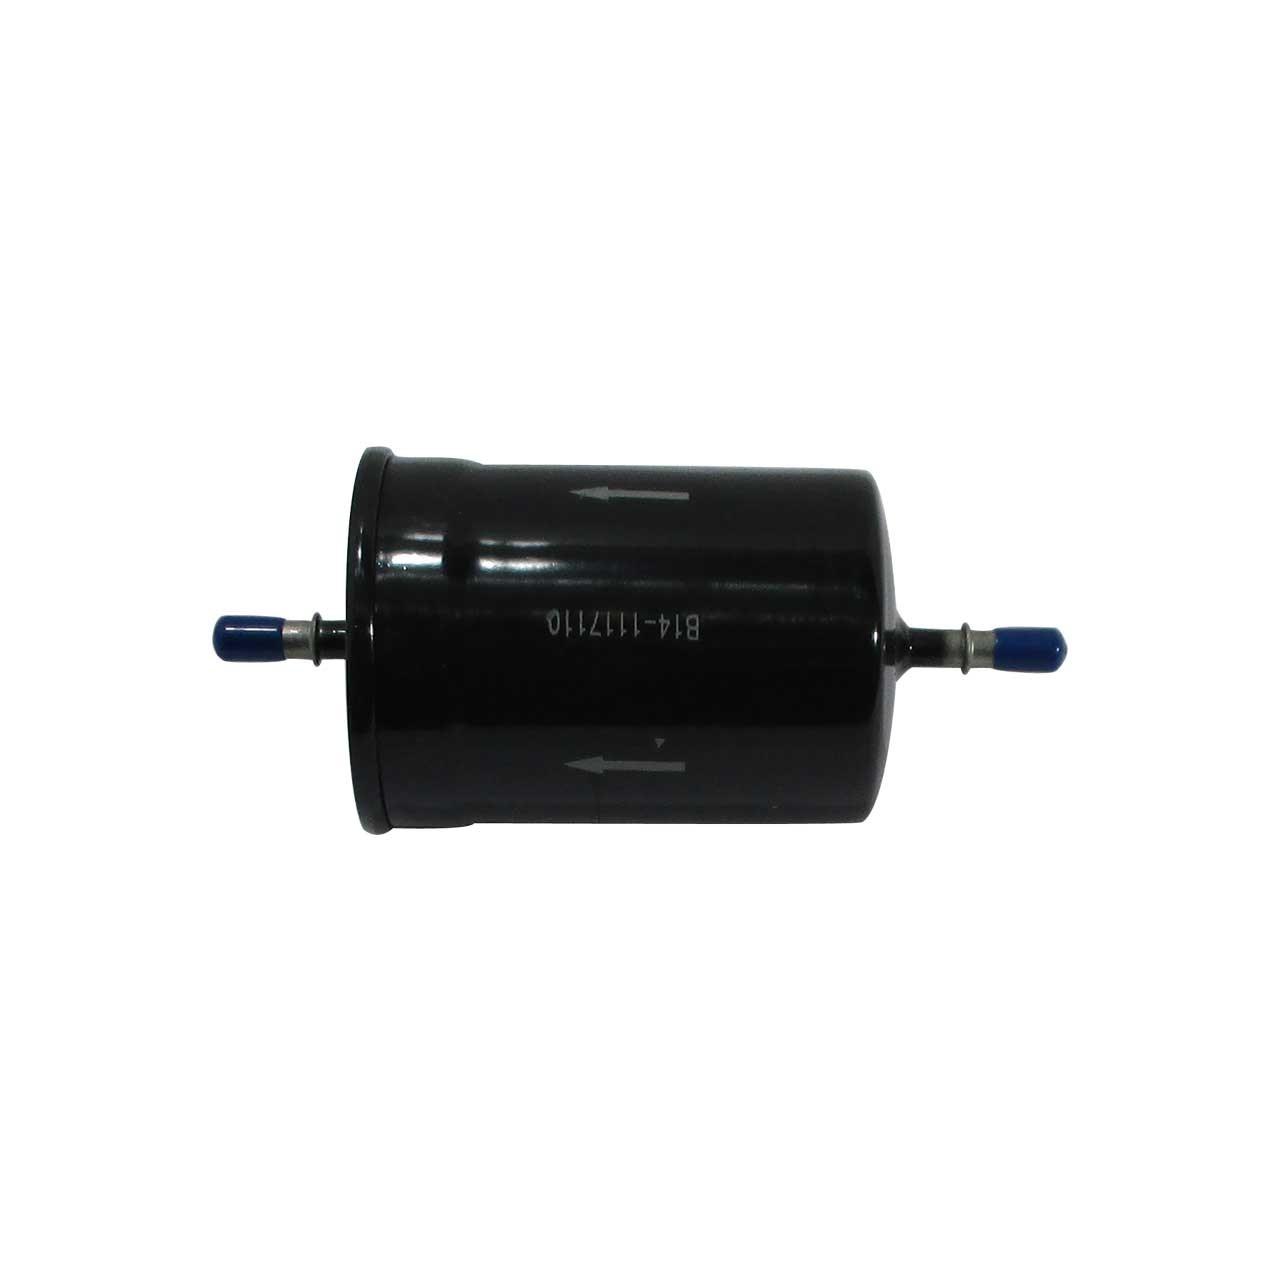 فیلتر بنزین  ام وی ام 315 و جک  مدل   B14-1117110